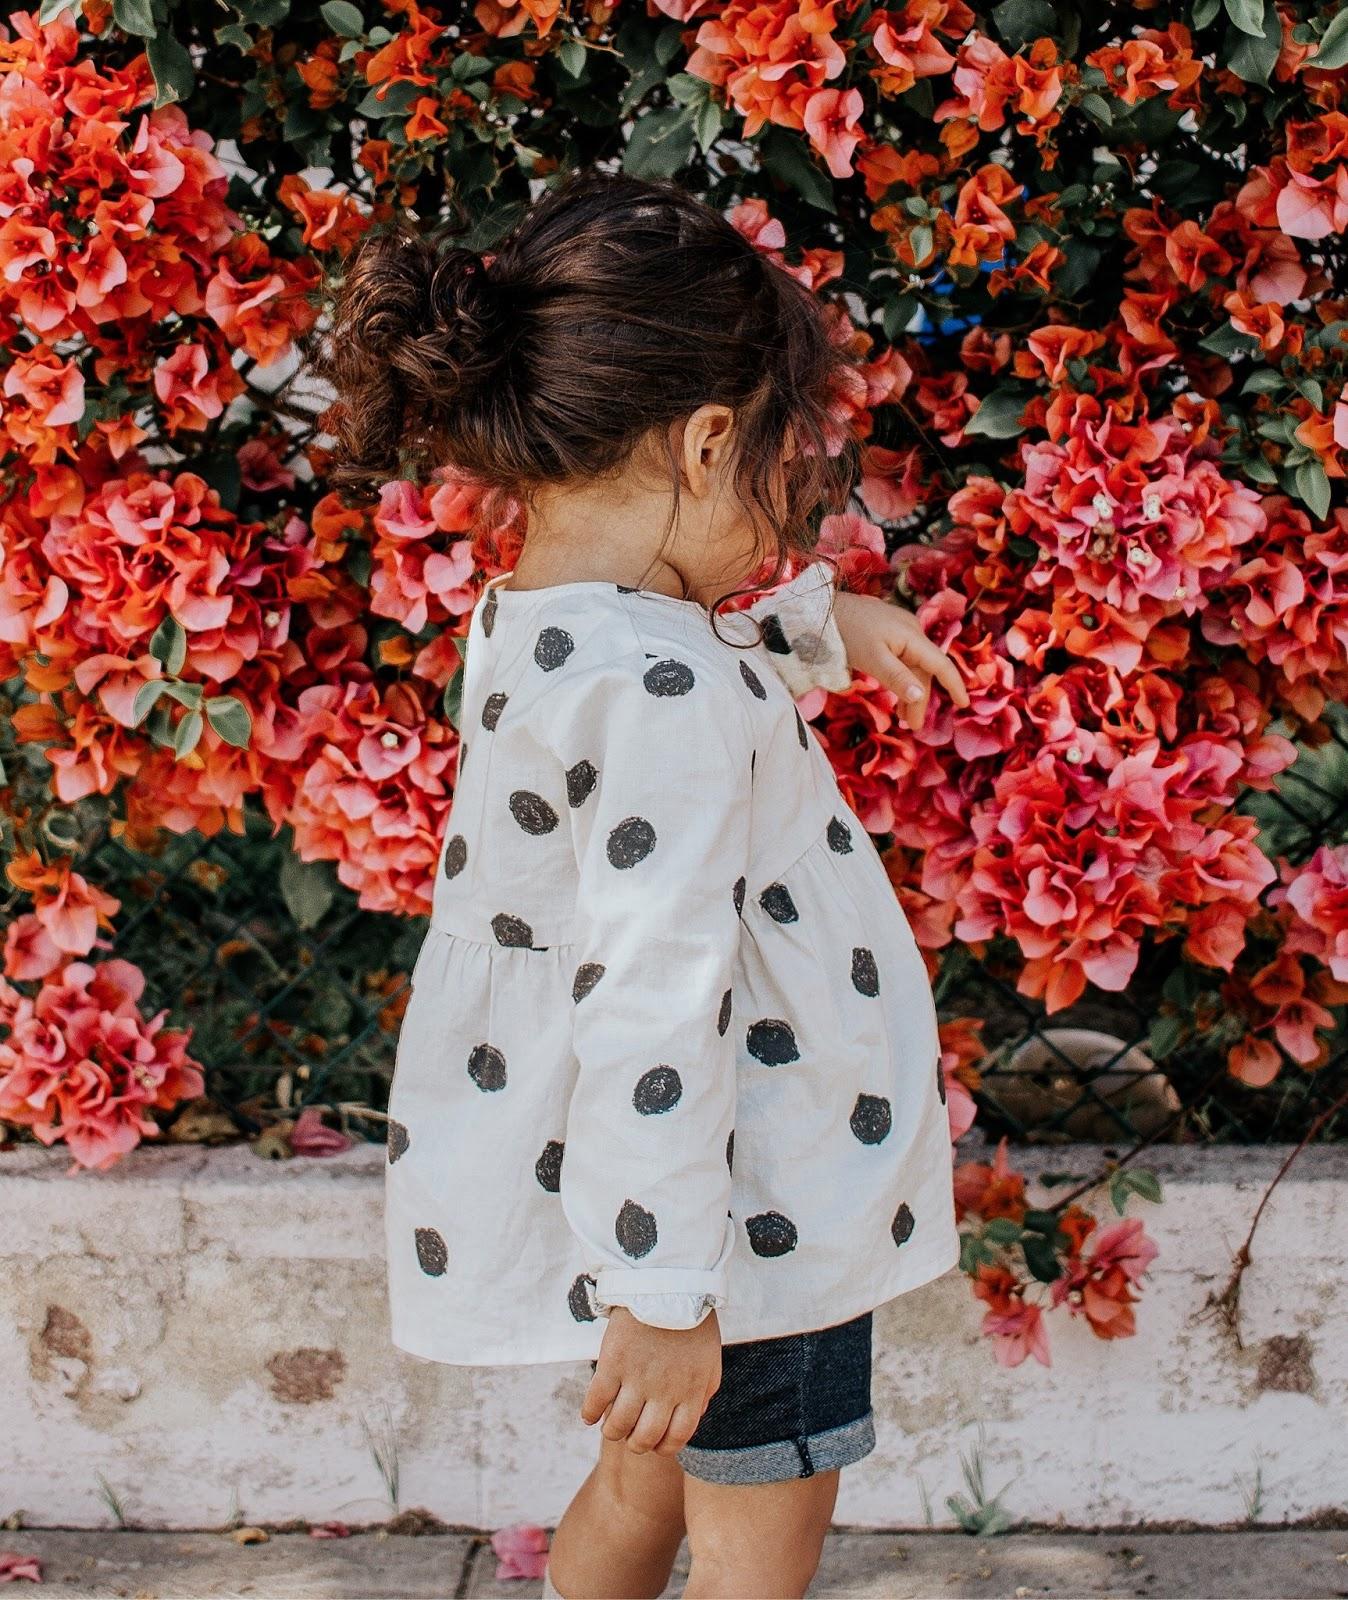 ¿Dónde puedo comprar online ropa para mi hija?